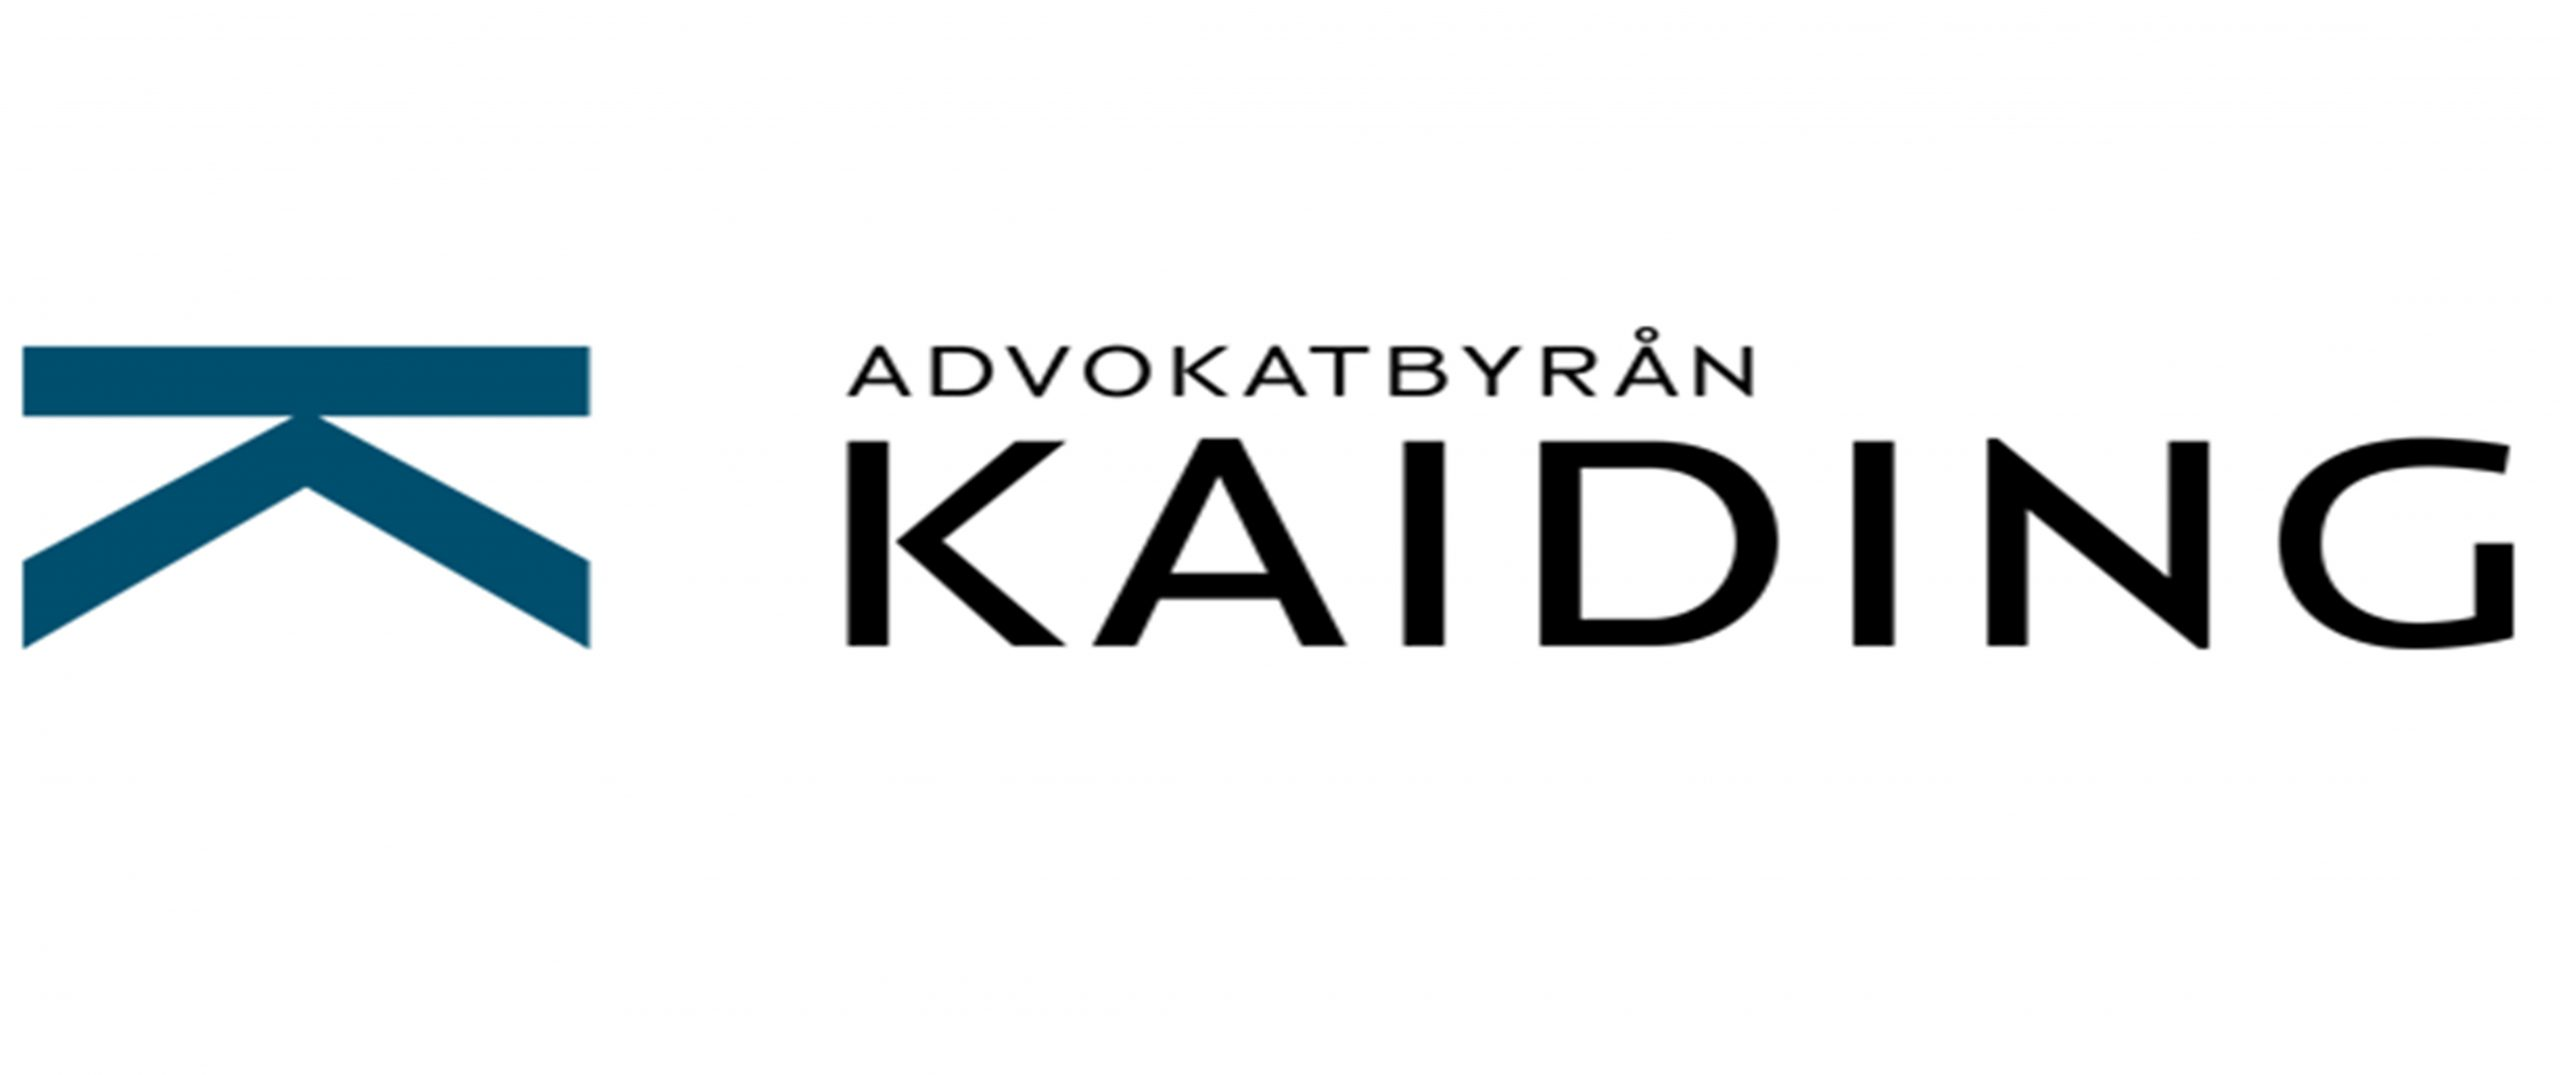 Advokatbyrån Kaiding